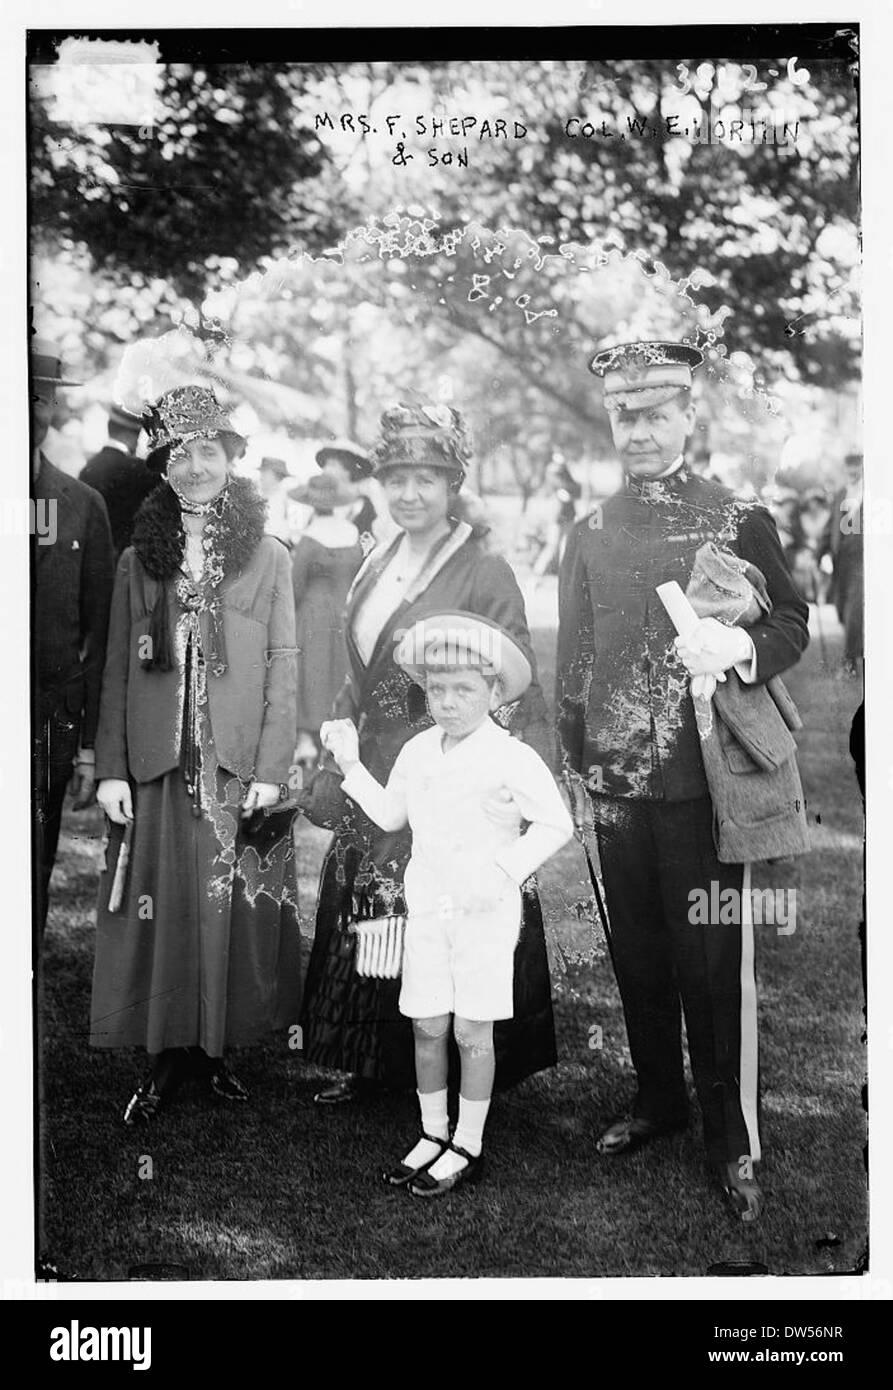 Mrs. F. Shepard & son, & Col. W. E. Horton (LOC) - Stock Image